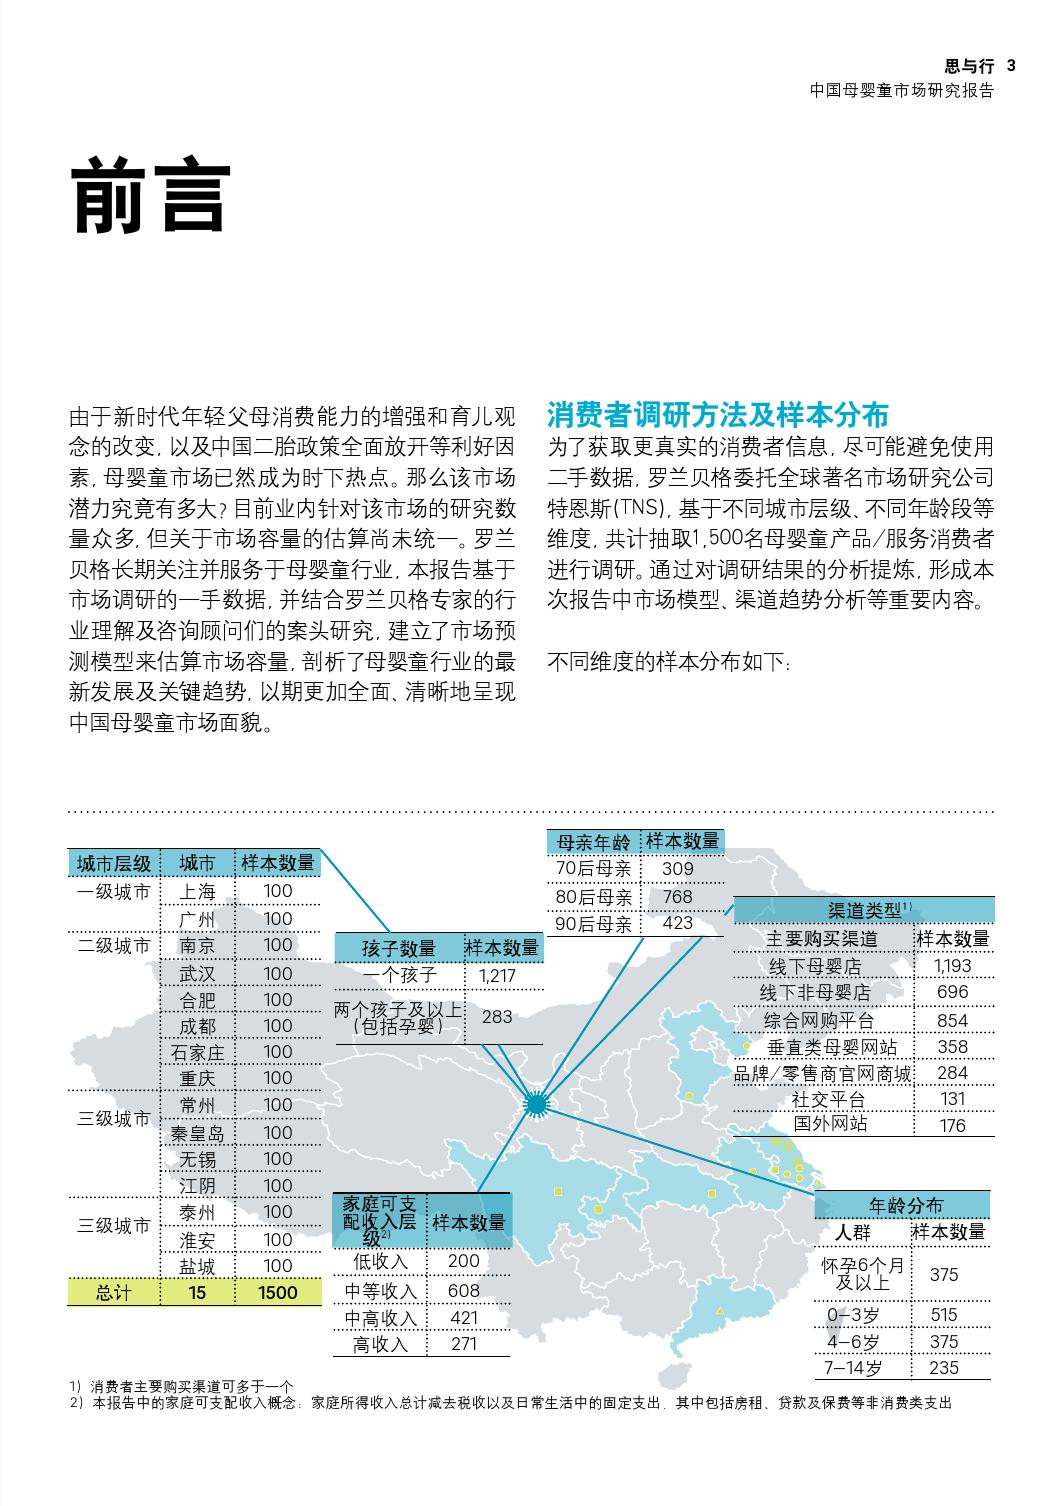 罗兰贝:2016中国母婴童市场研究报告_000003